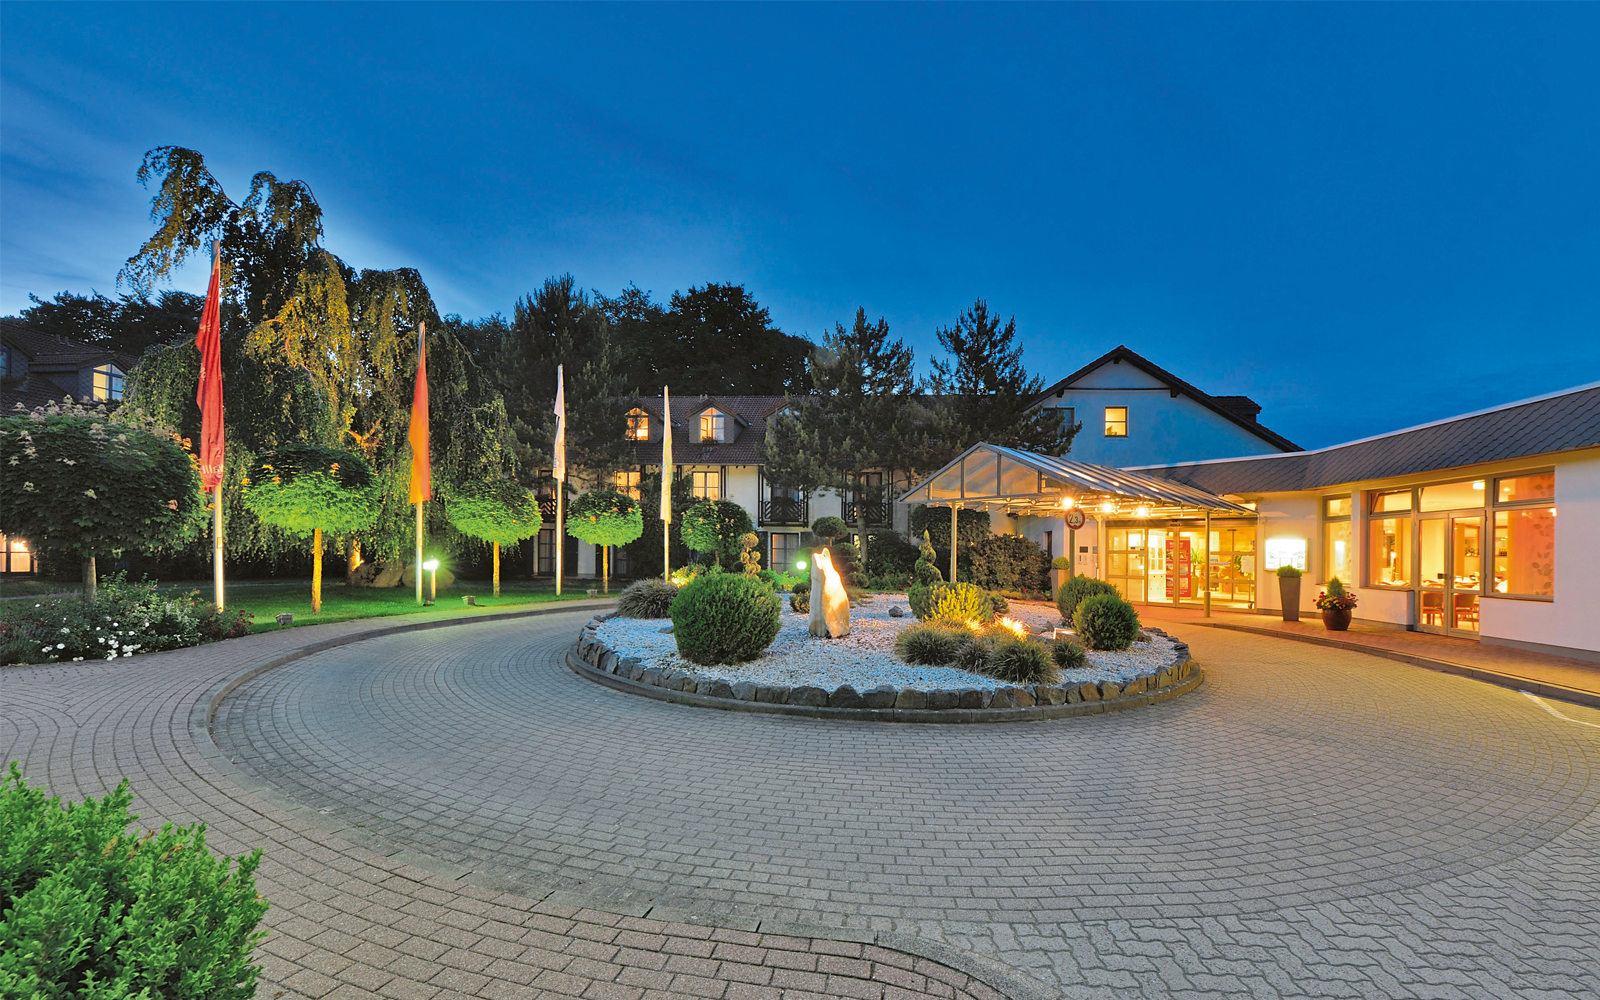 Ein eigener Stil, hoher Anspruch an den Umgang mit den Gästen und eine ausgezeichnete Küche kennzeichnen das Landhotel Schnuck.